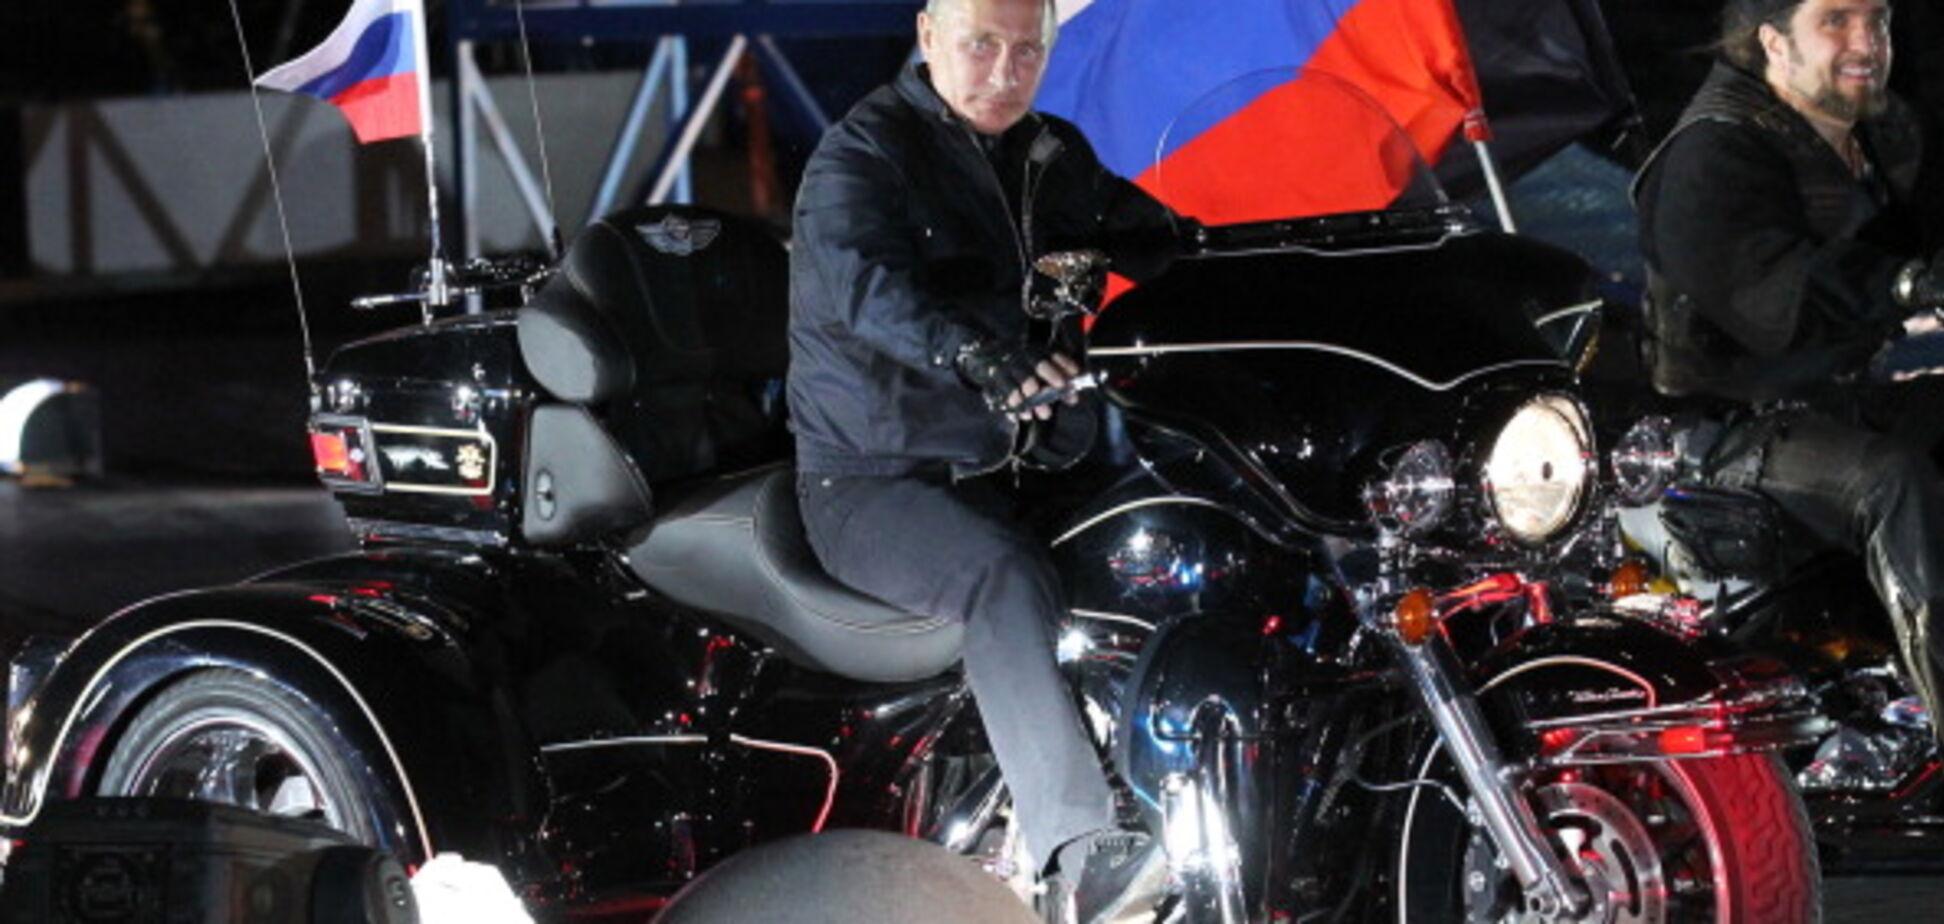 К важнейшему другу на 'кульминацию': Путин намылился в оккупированный город Украины